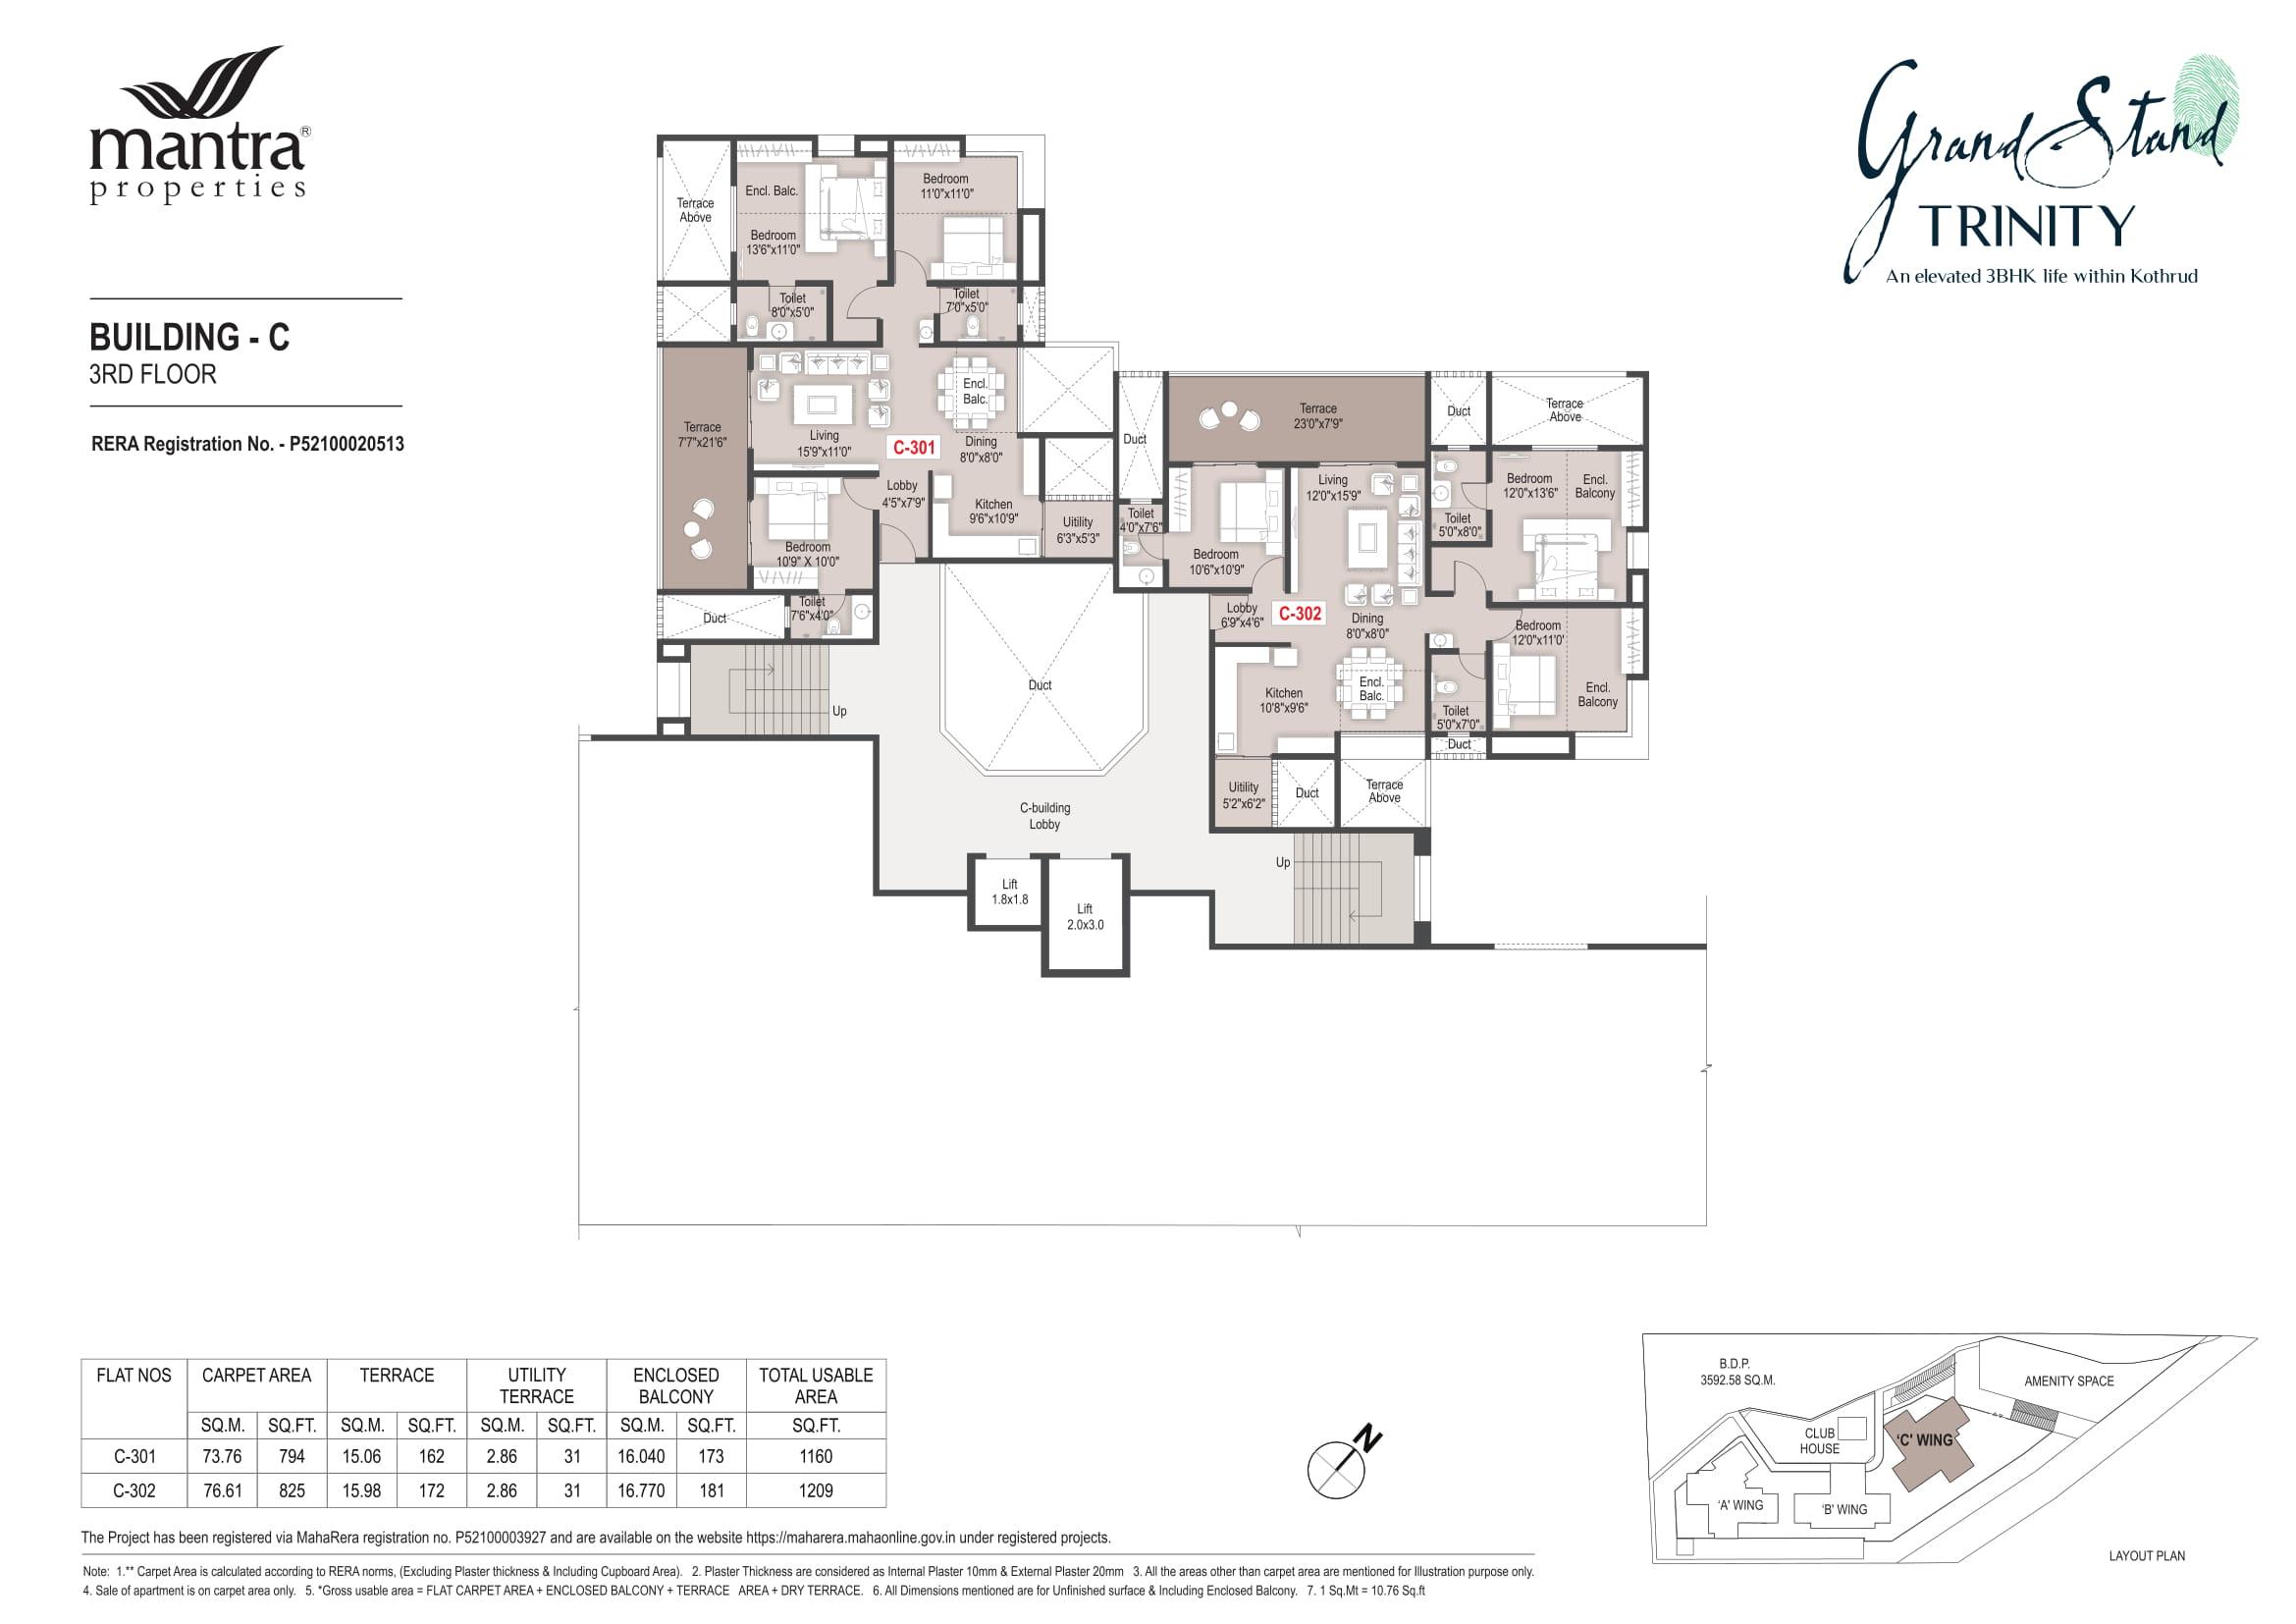 Grandstand Building - C Floor Plans-3